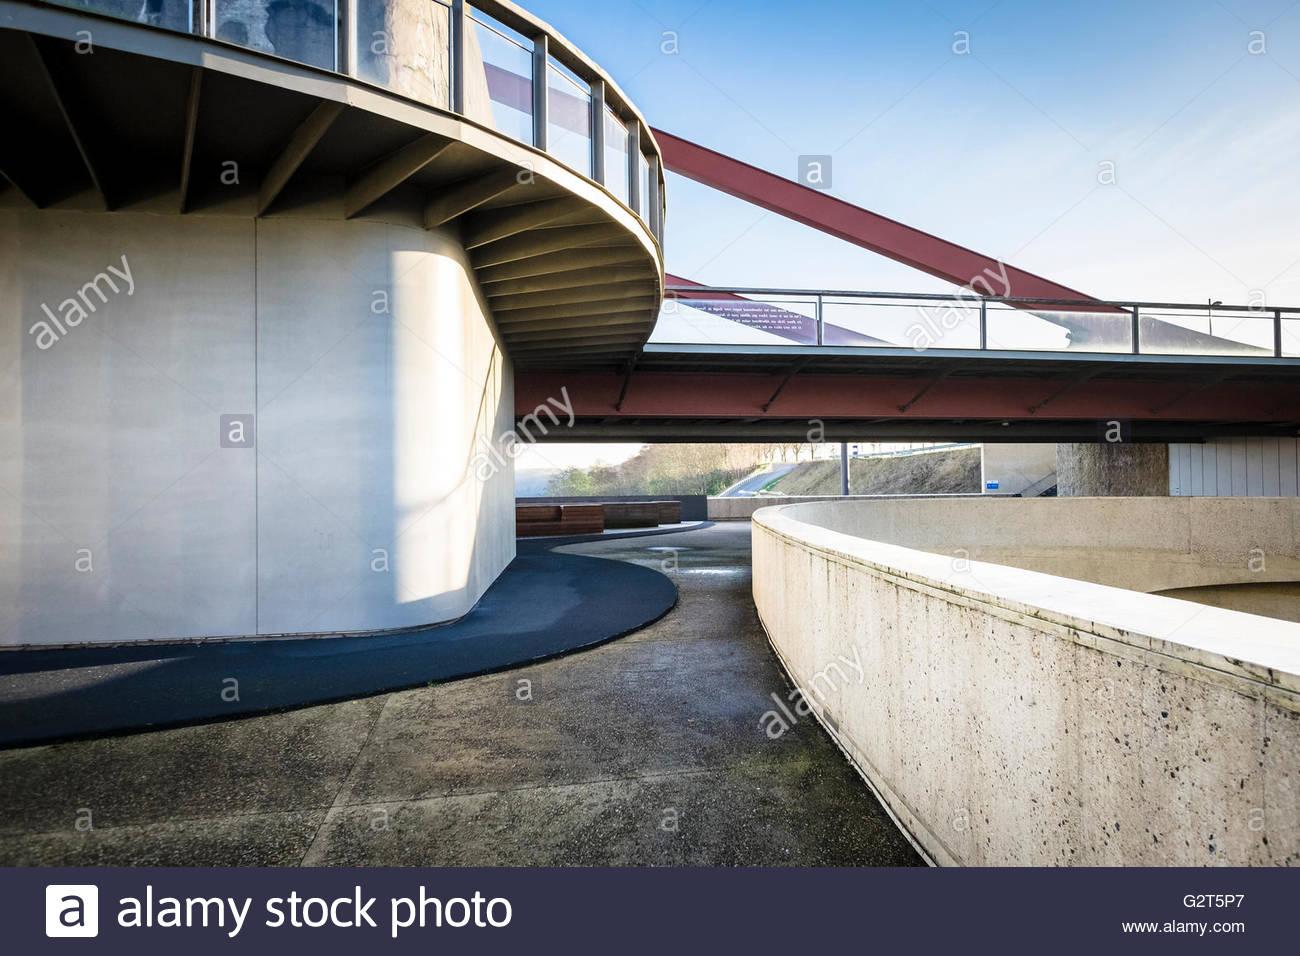 Arquitectura moderna, Brug van Vroenhoven, Reimst, Limburgo, Vlaanderen (Flandes, Bélgica) Imagen De Stock